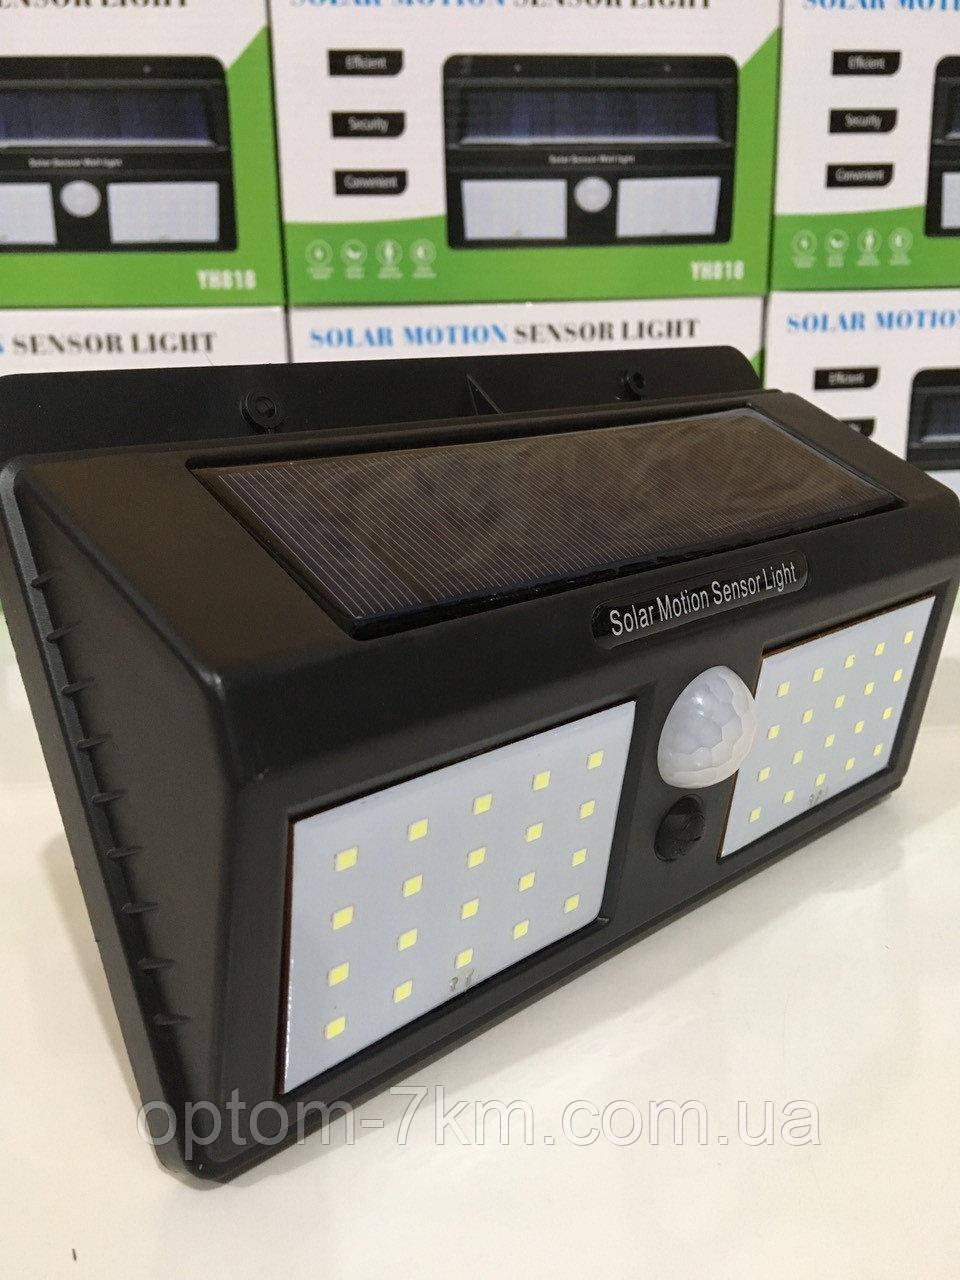 Світлодіодний навісний ліхтар YH818 am